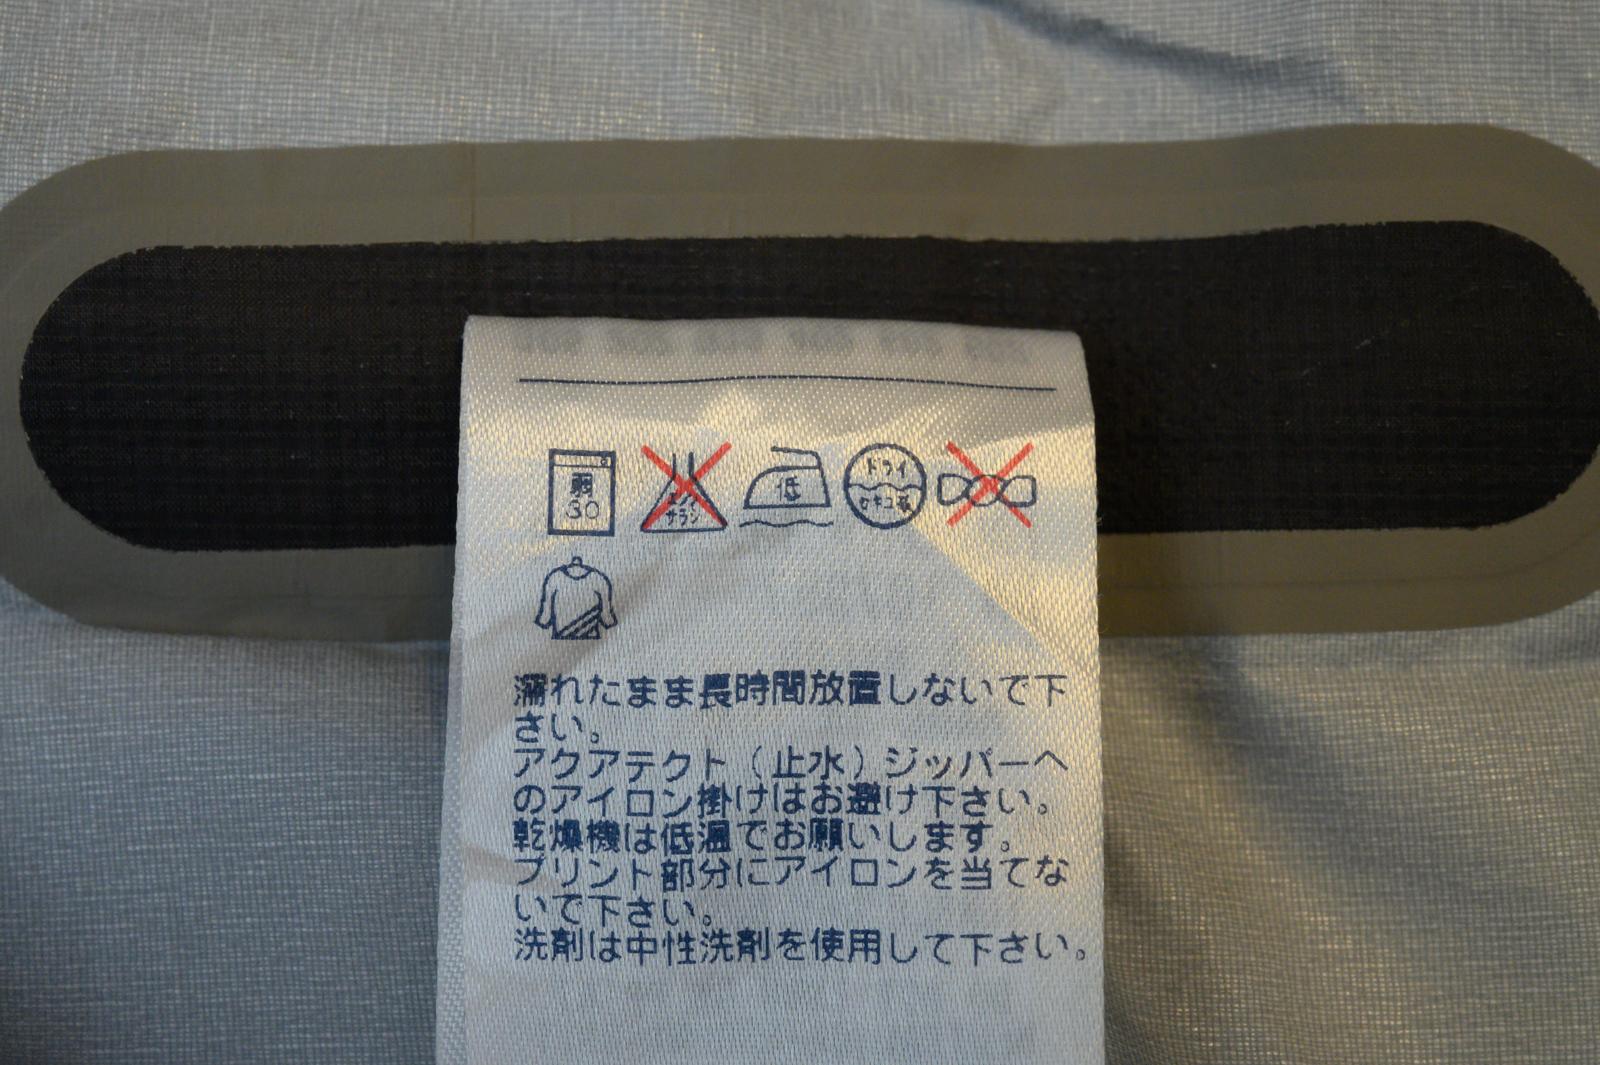 mont-bellピークシェルの洗濯表示タグ